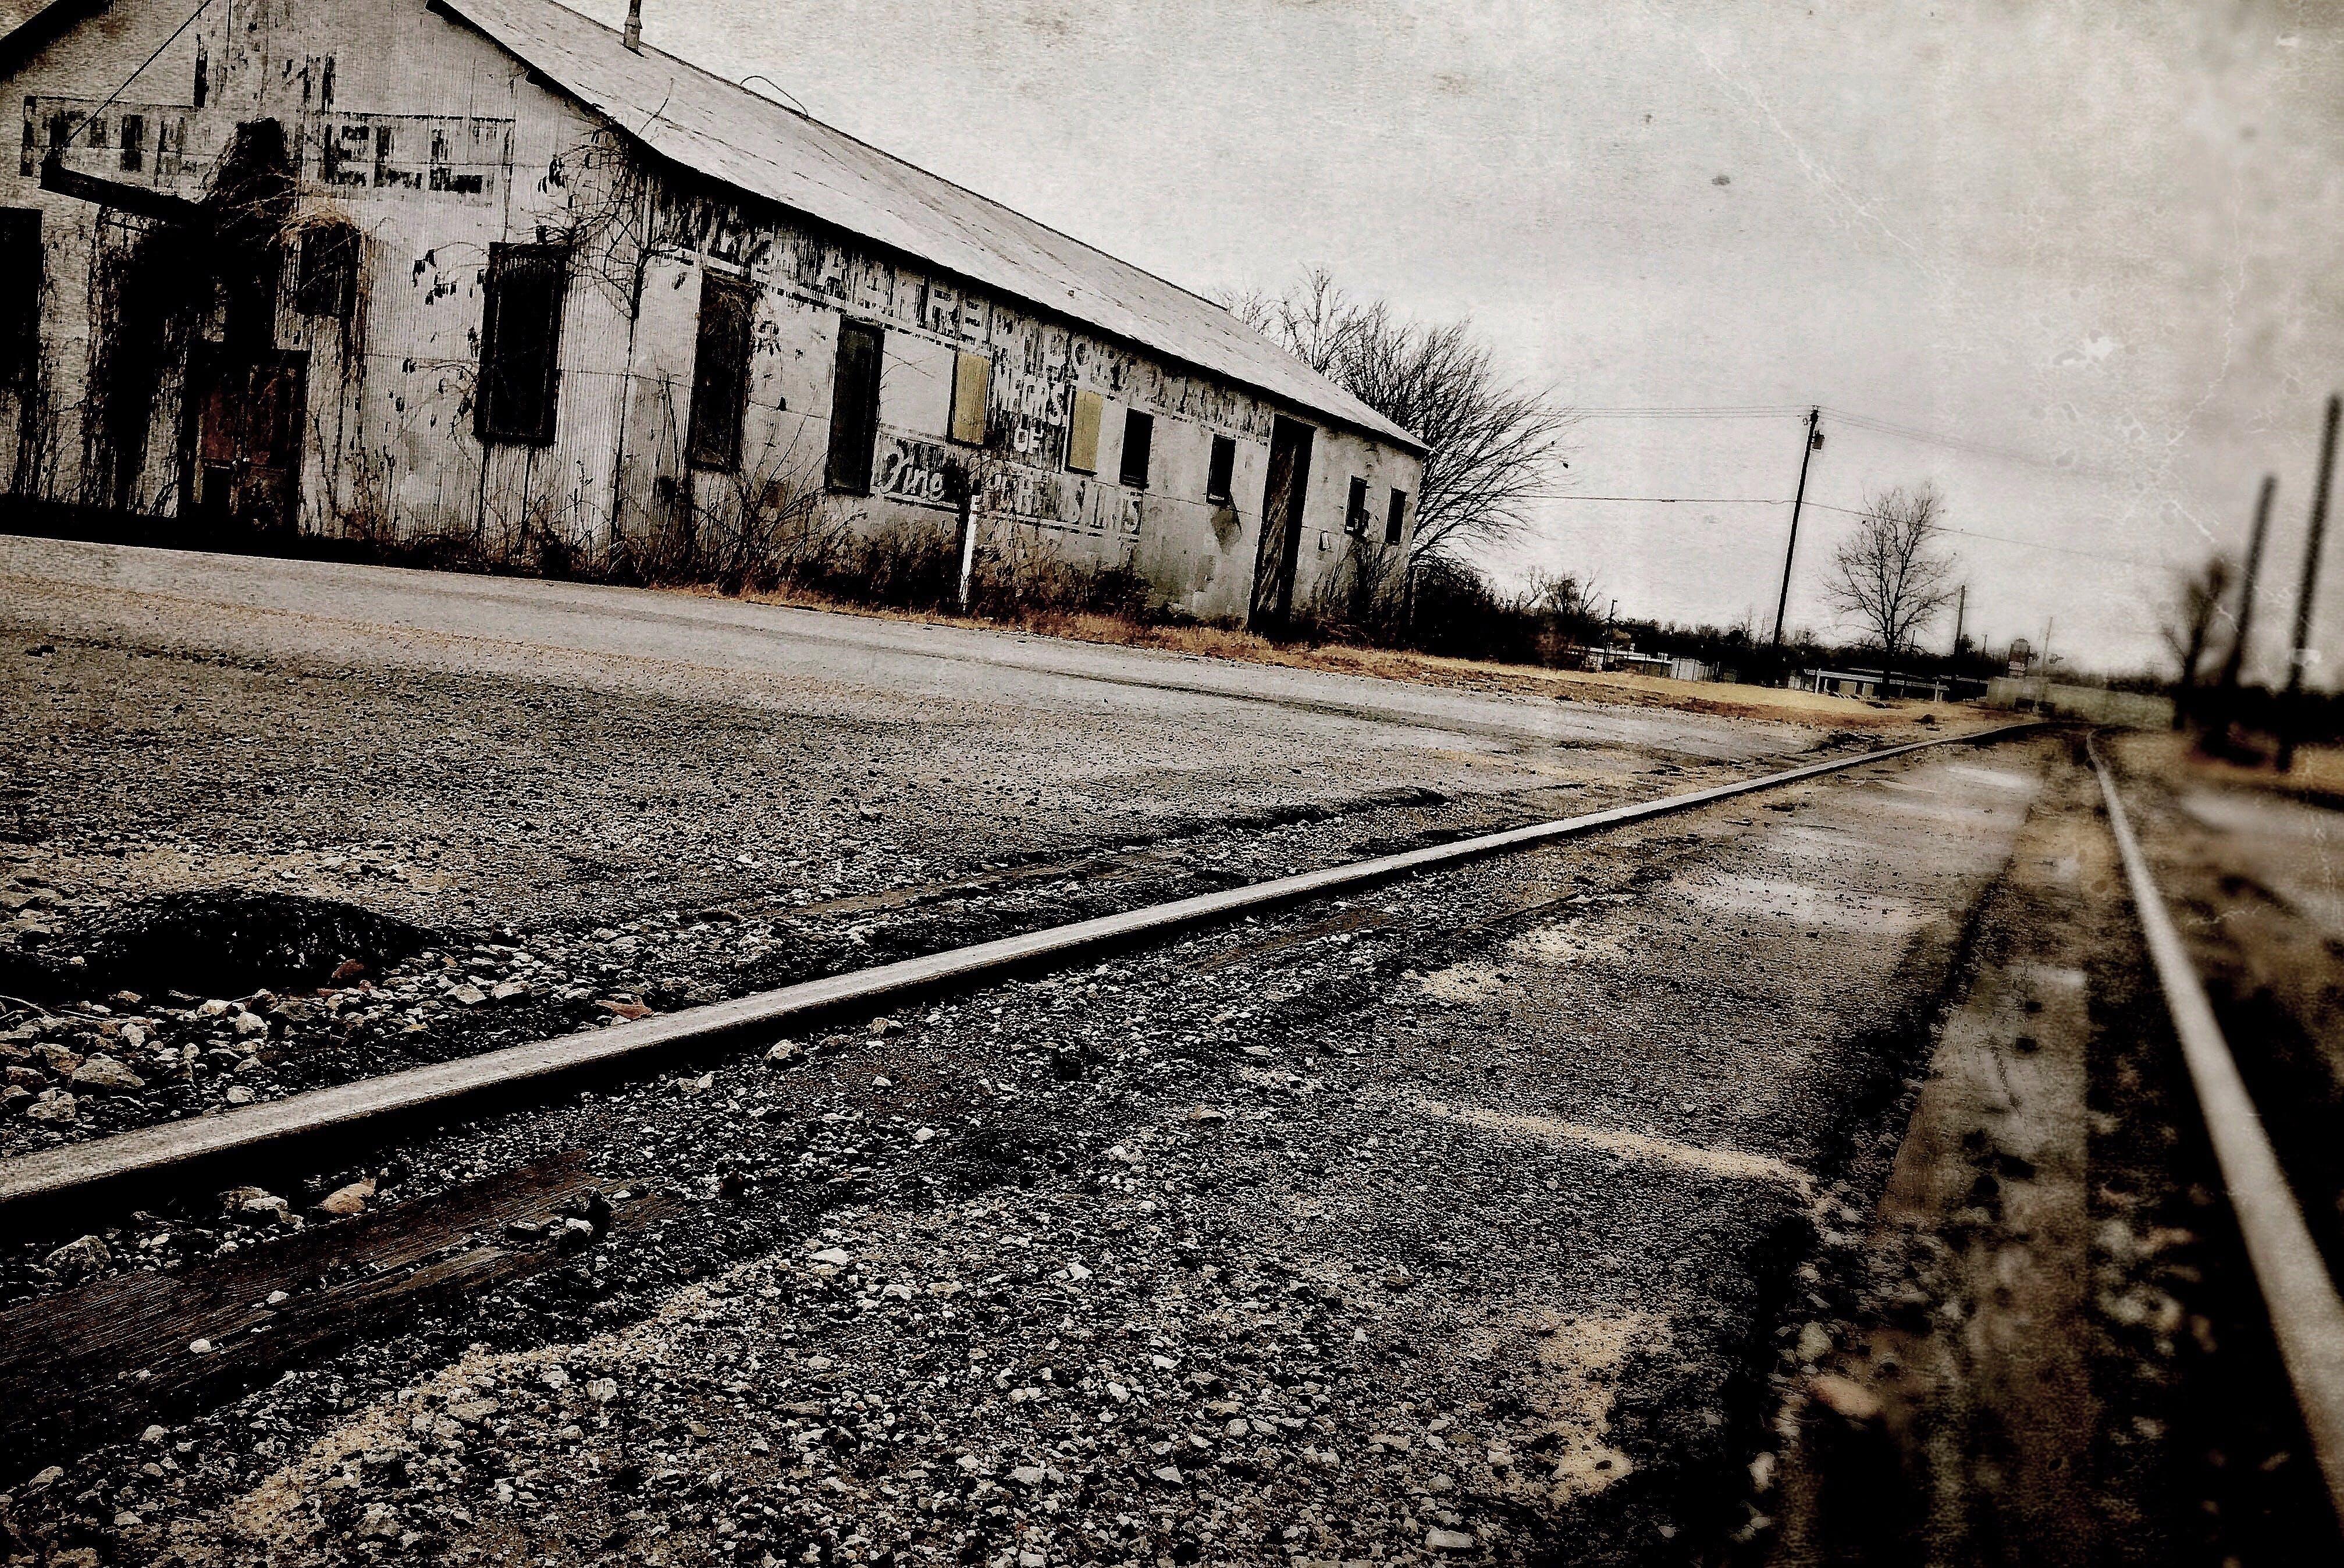 abandoned, asphalt, building